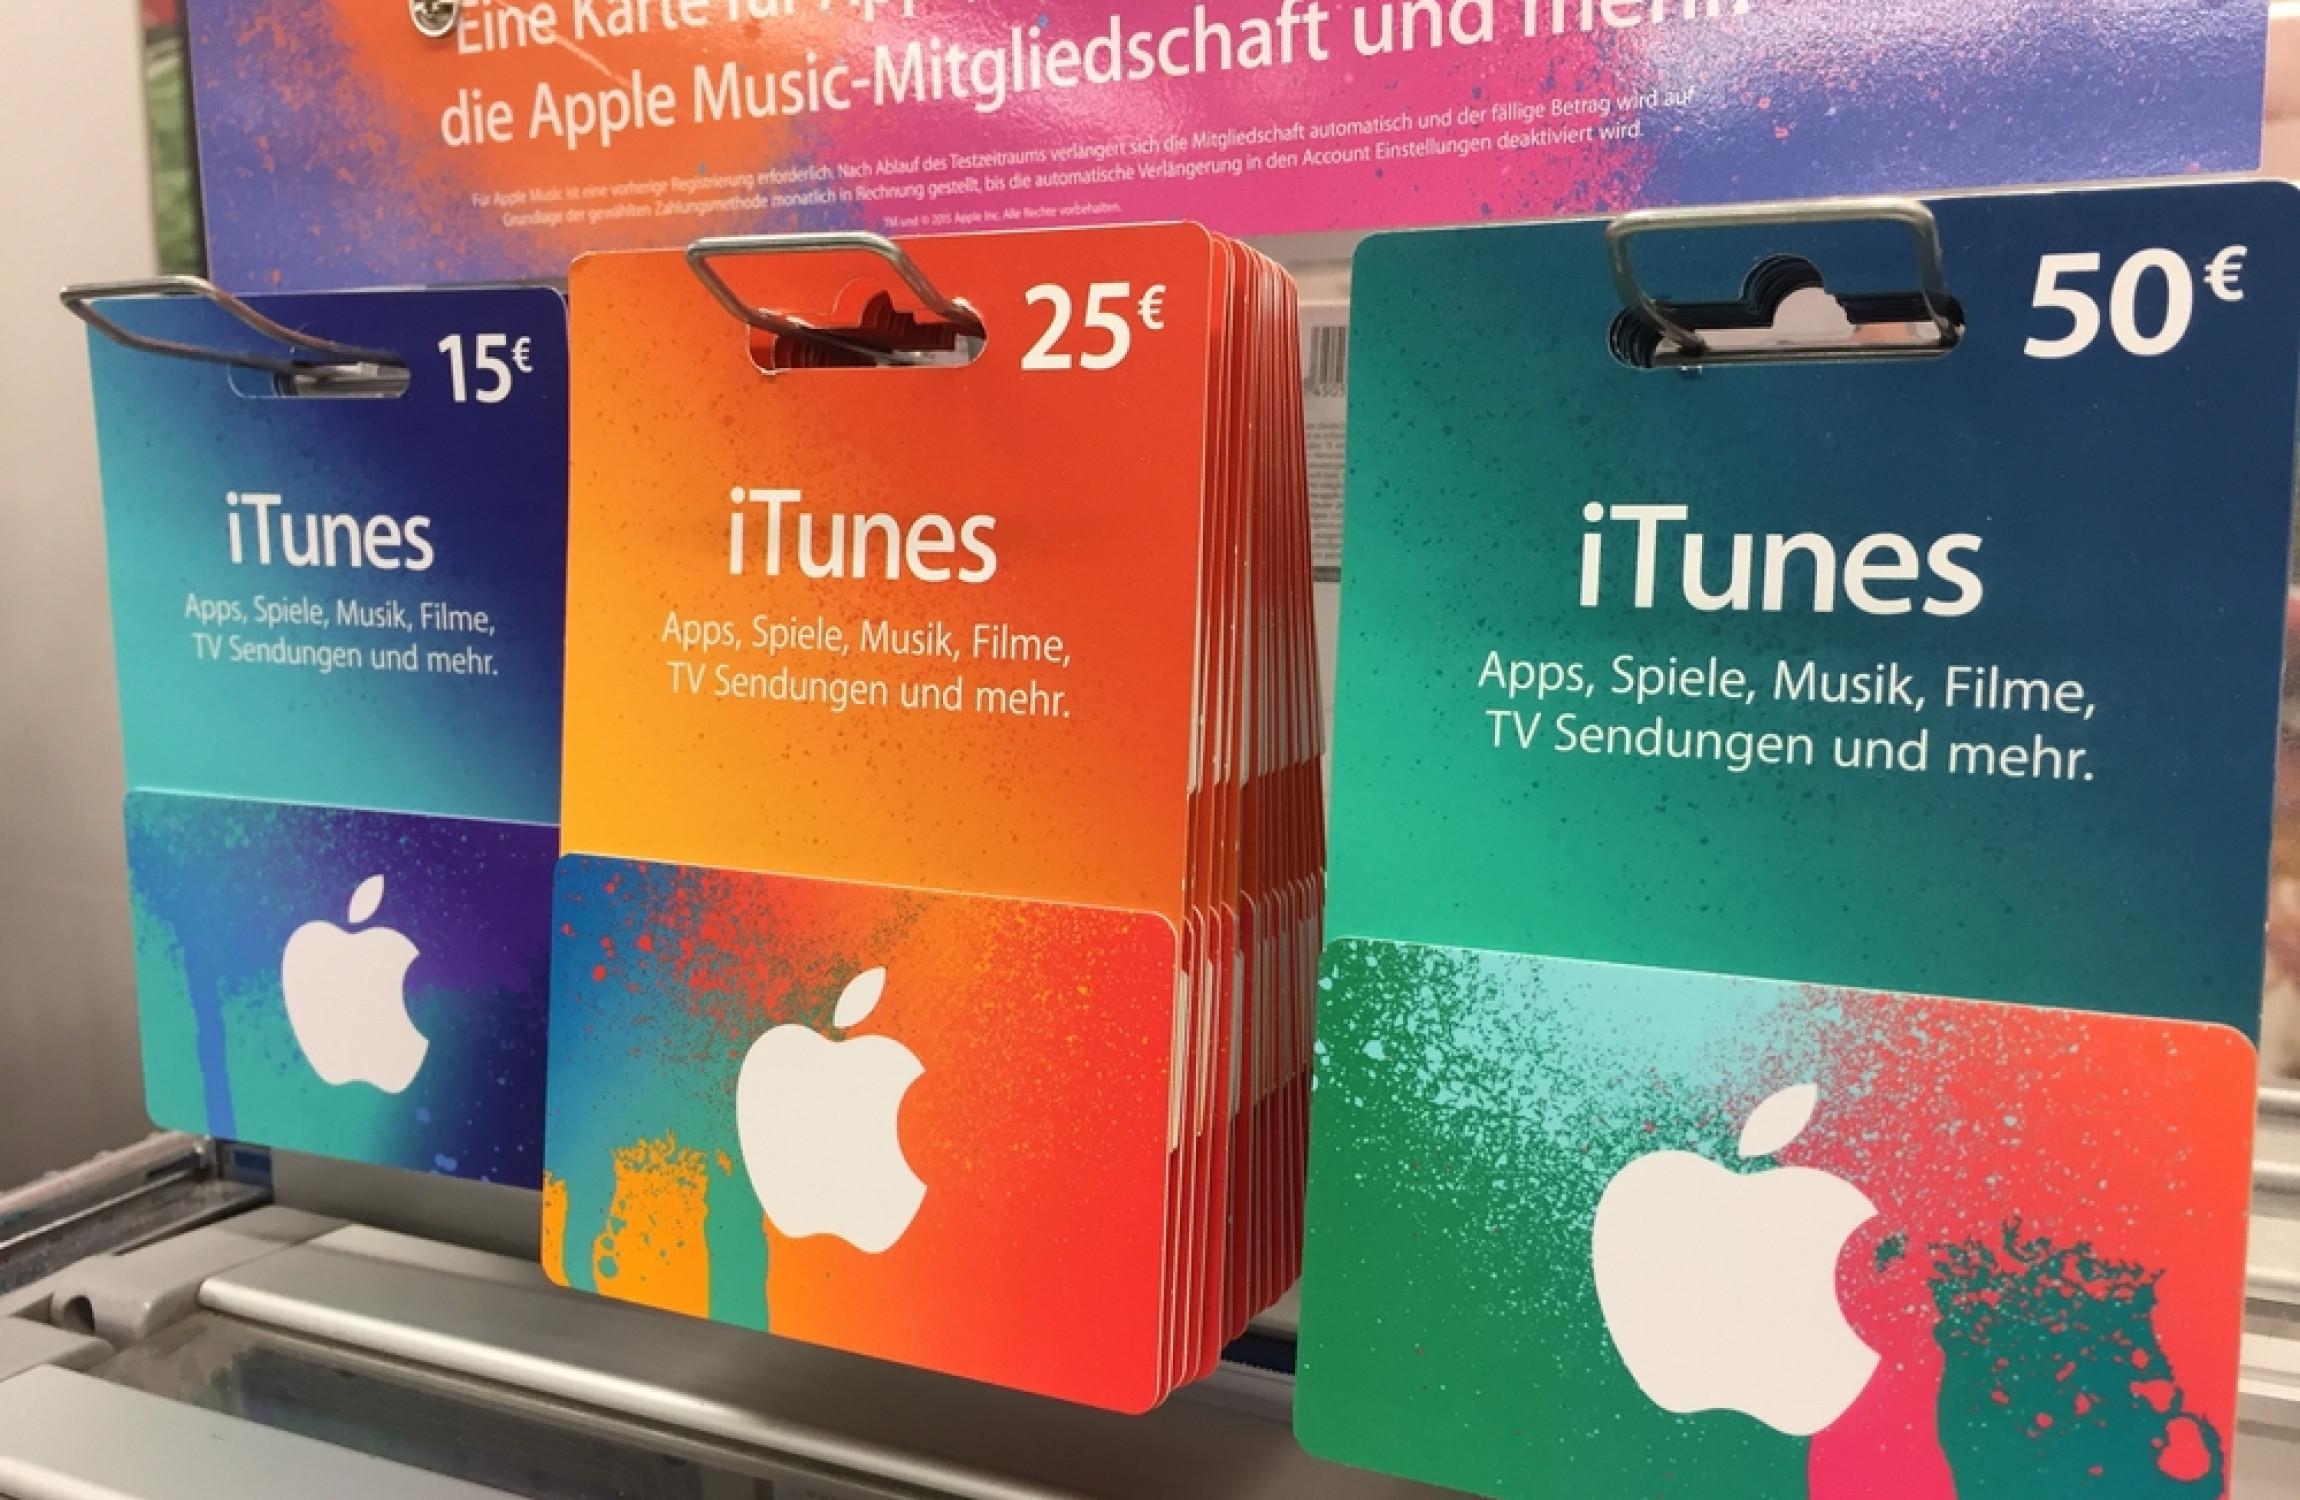 Gardaí issue warning over iTunes voucher phone scam